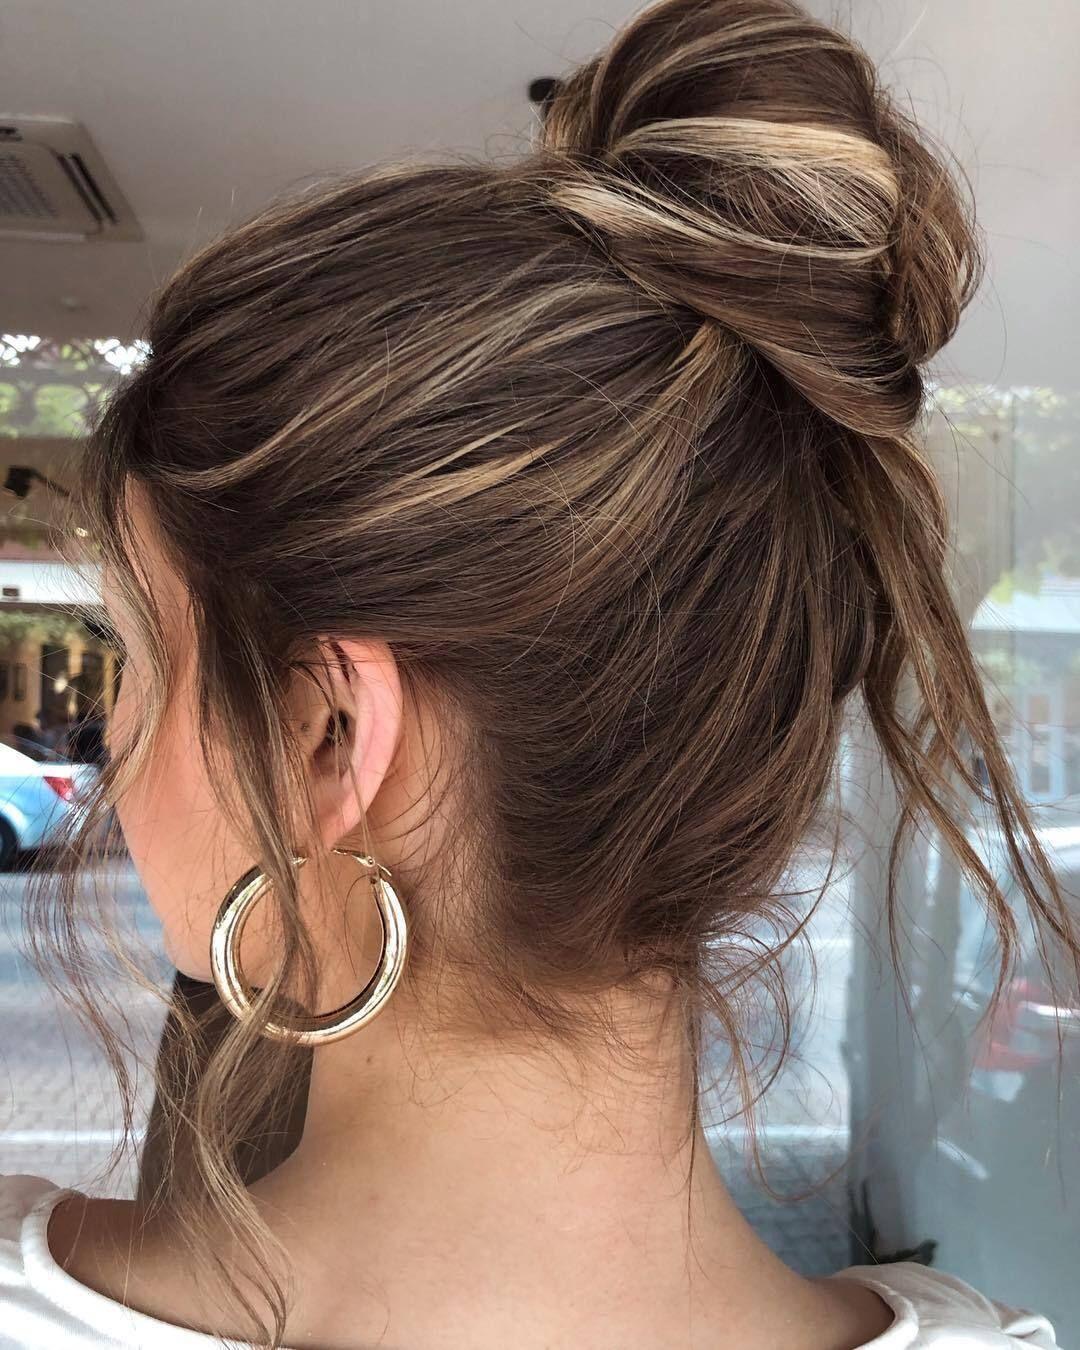 Une belle idée de coiffure lorsqu'il pleut et que c'est